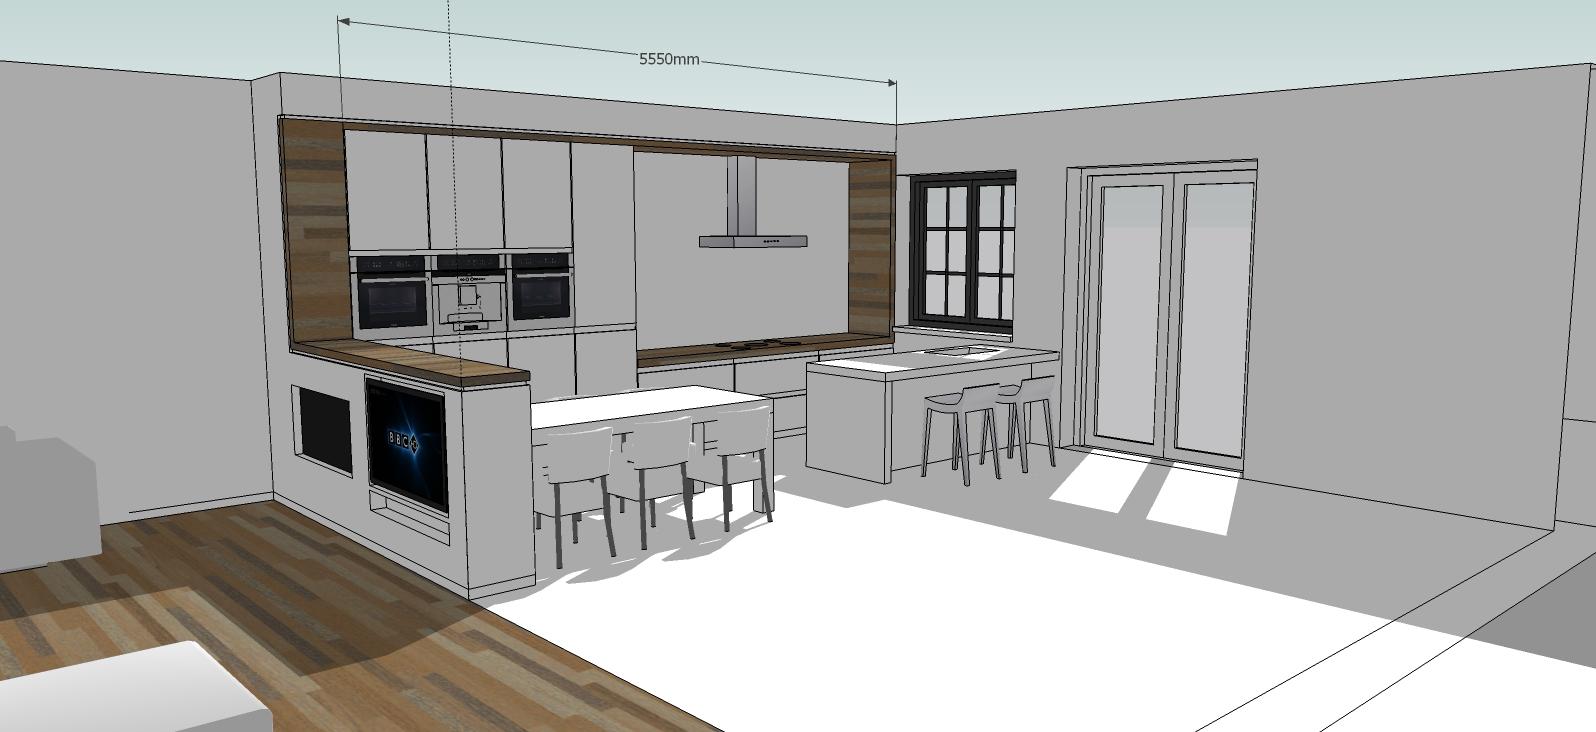 Minimalistische keuken for Zelf keukenontwerp maken